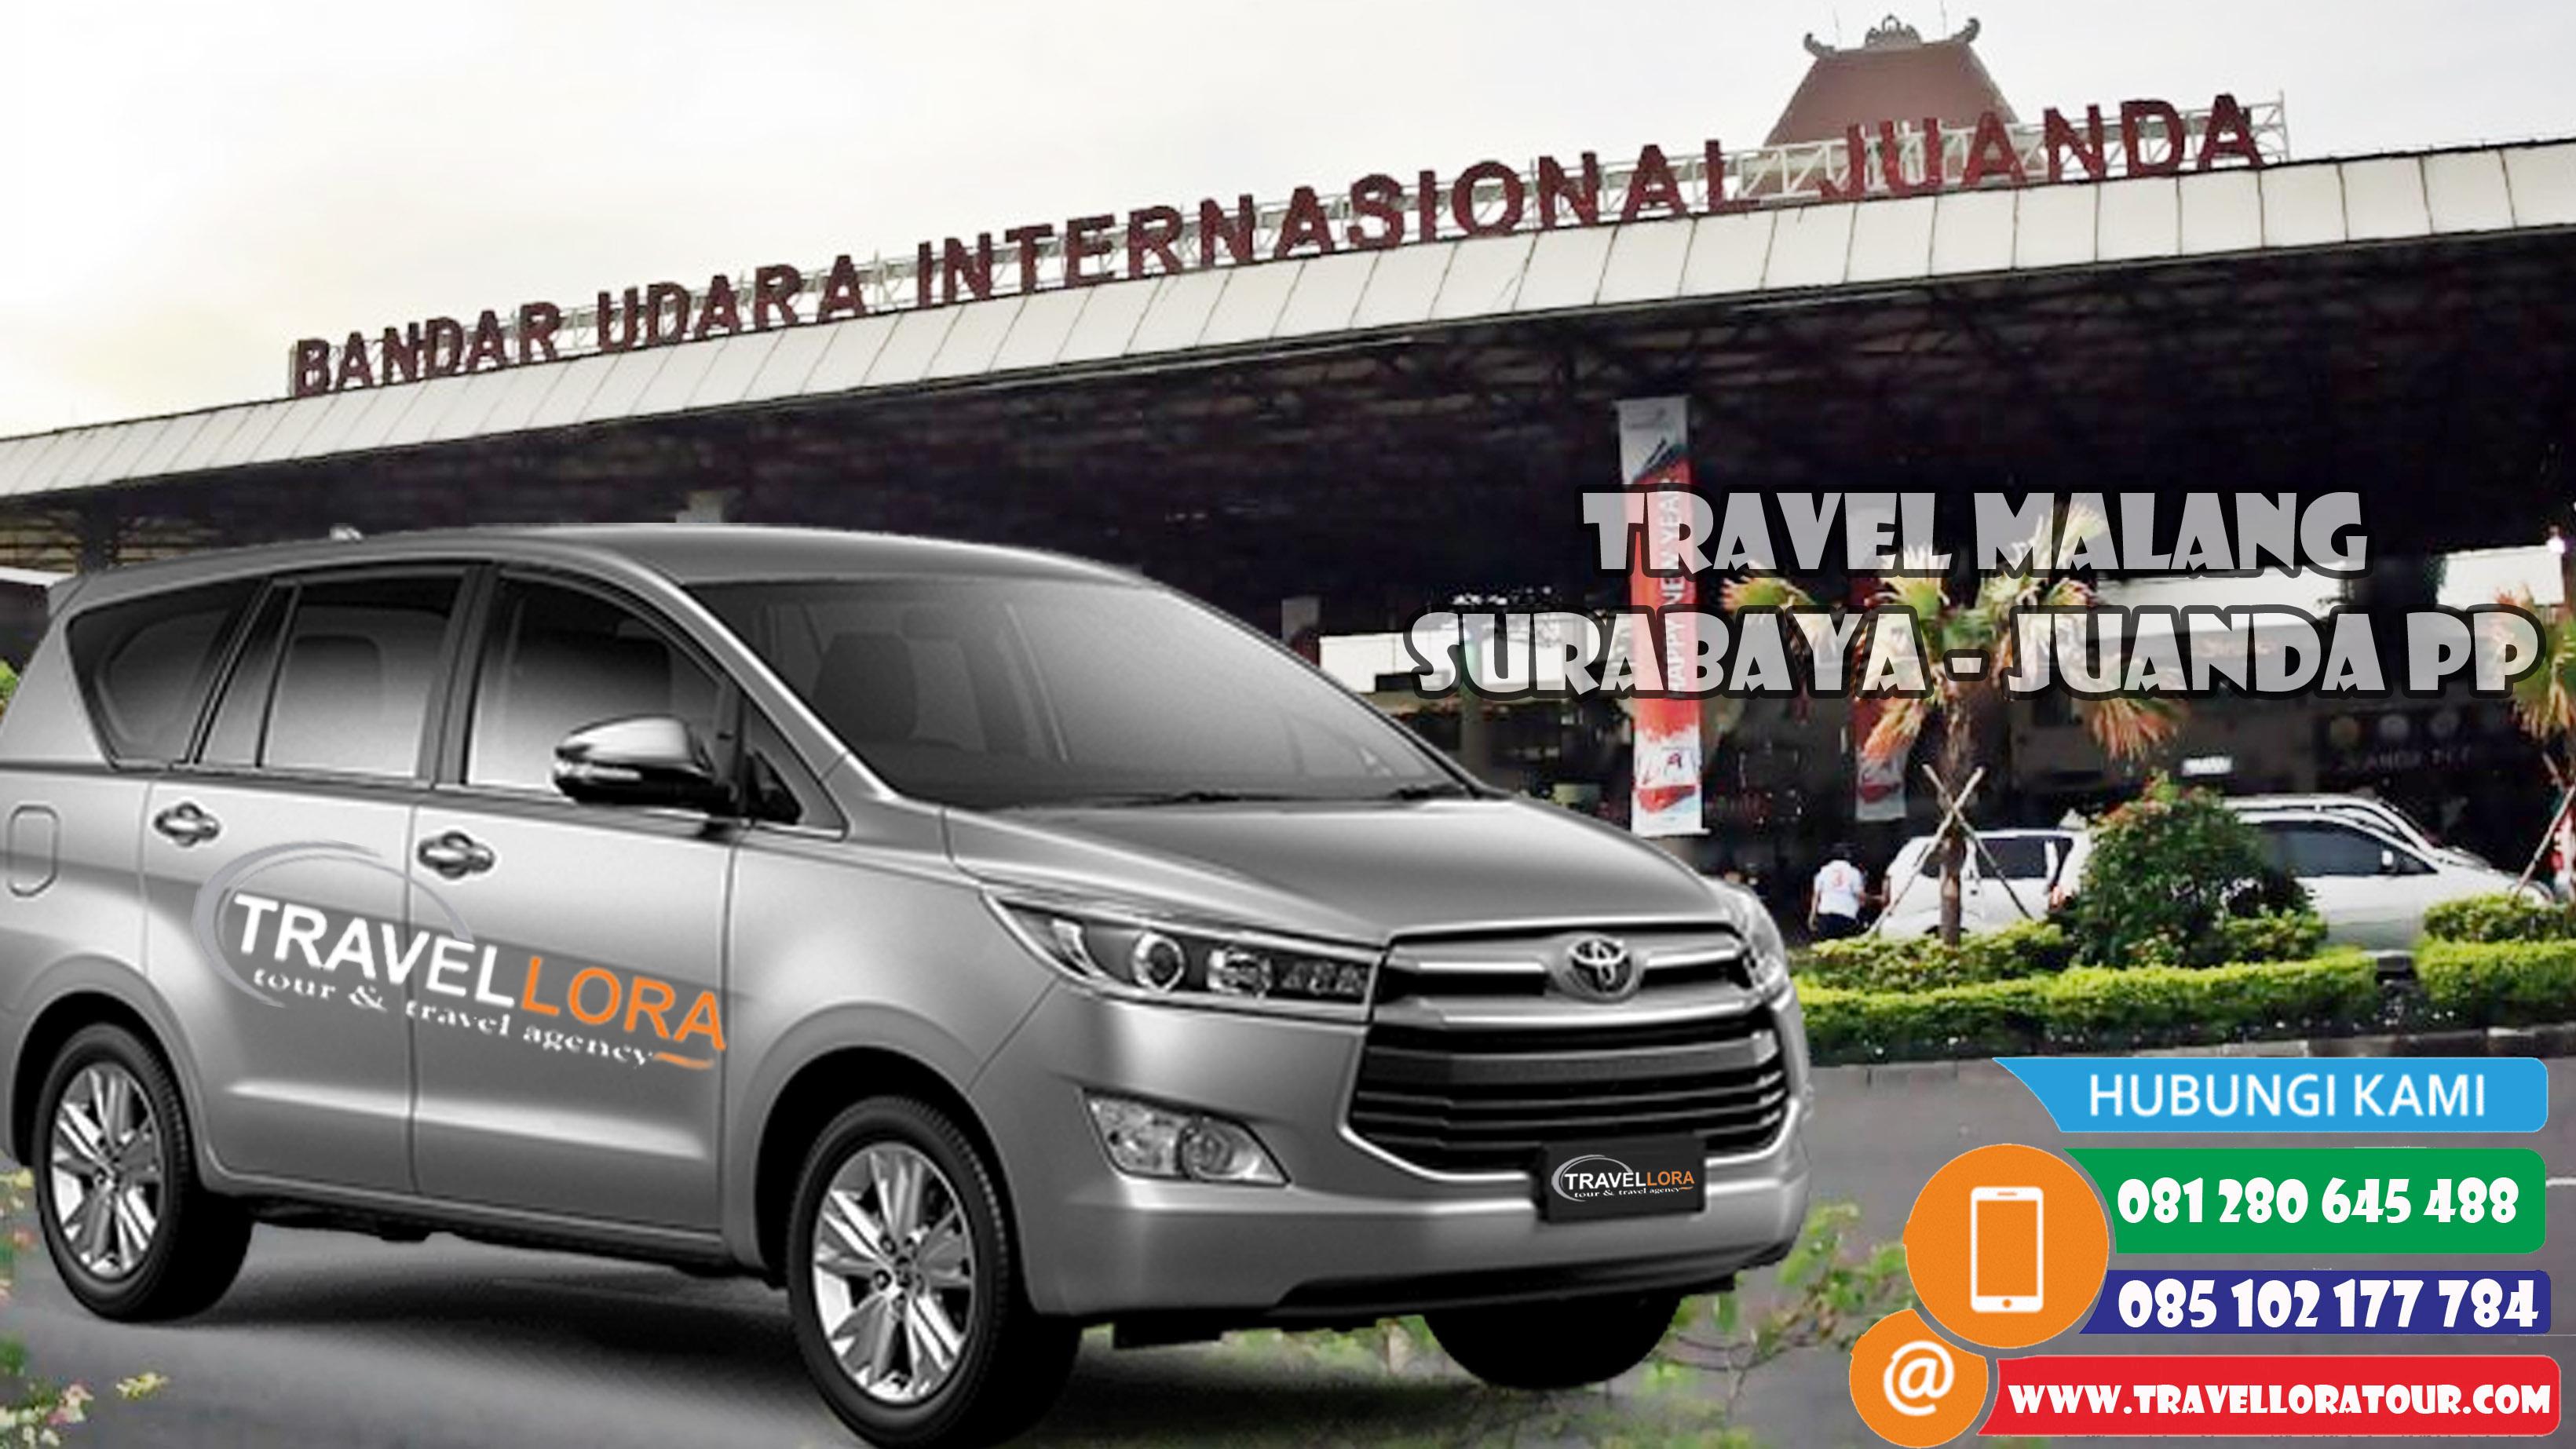 travel-malang-juanda-surabaya